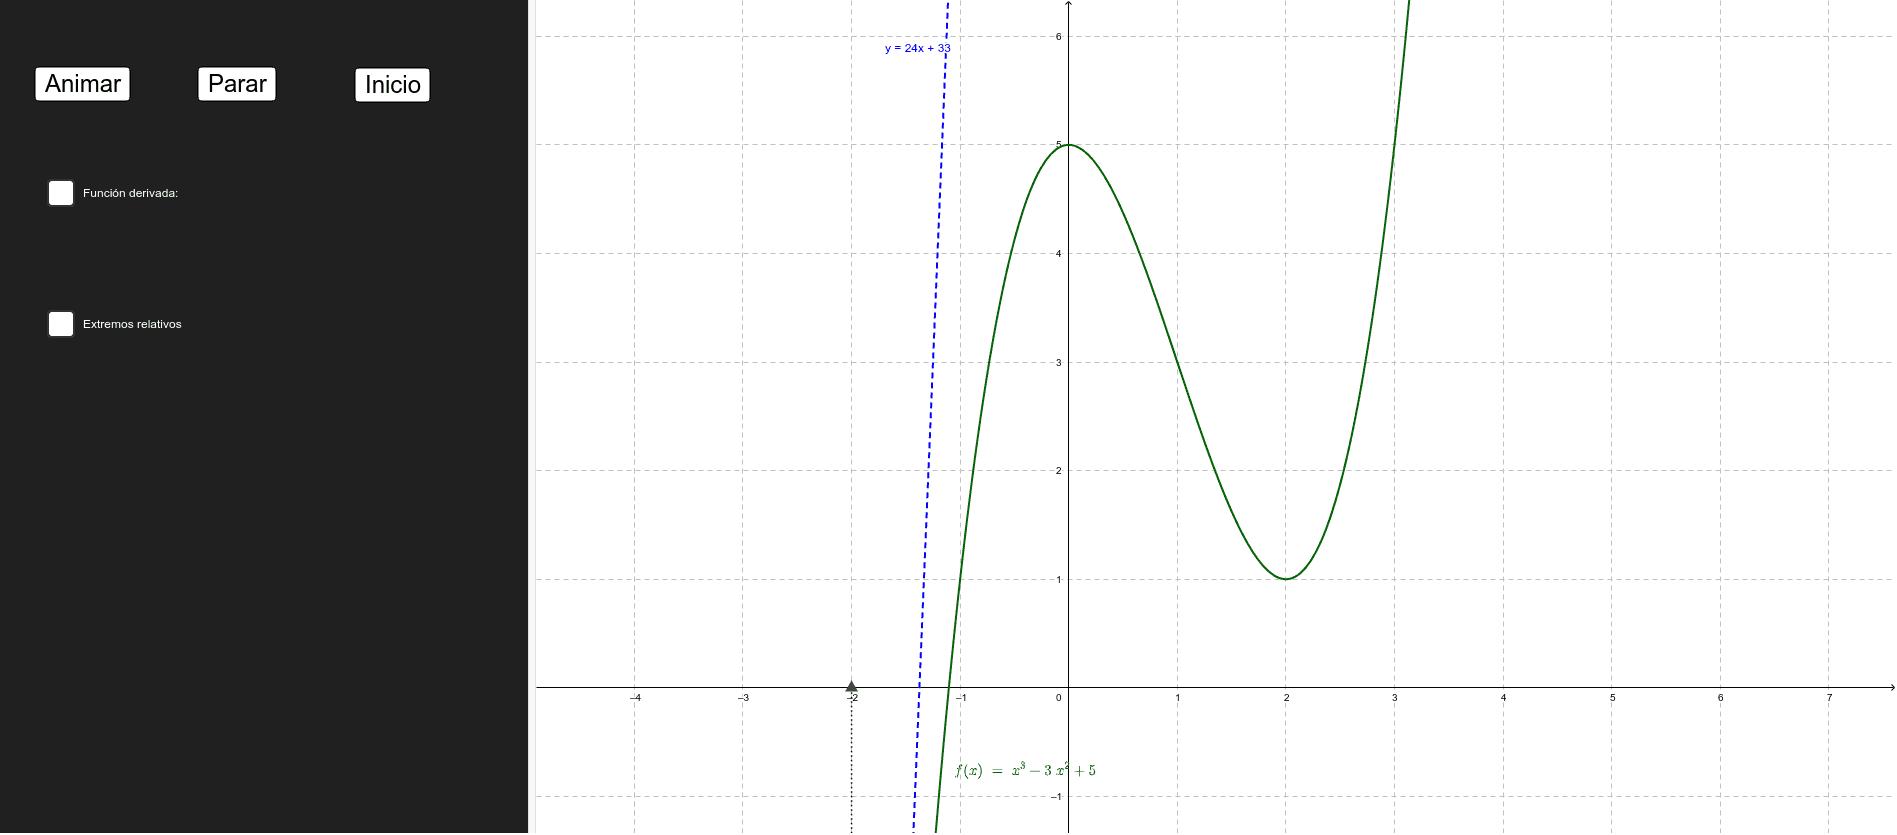 Esta actividad sirve para analizar la relación entre el crecimiento de una función y el signo de la derivada. El punto se puede manipular mediante los botones o, si se prefiere, arrastrándolo con el ratón. Presiona Intro para comenzar la actividad